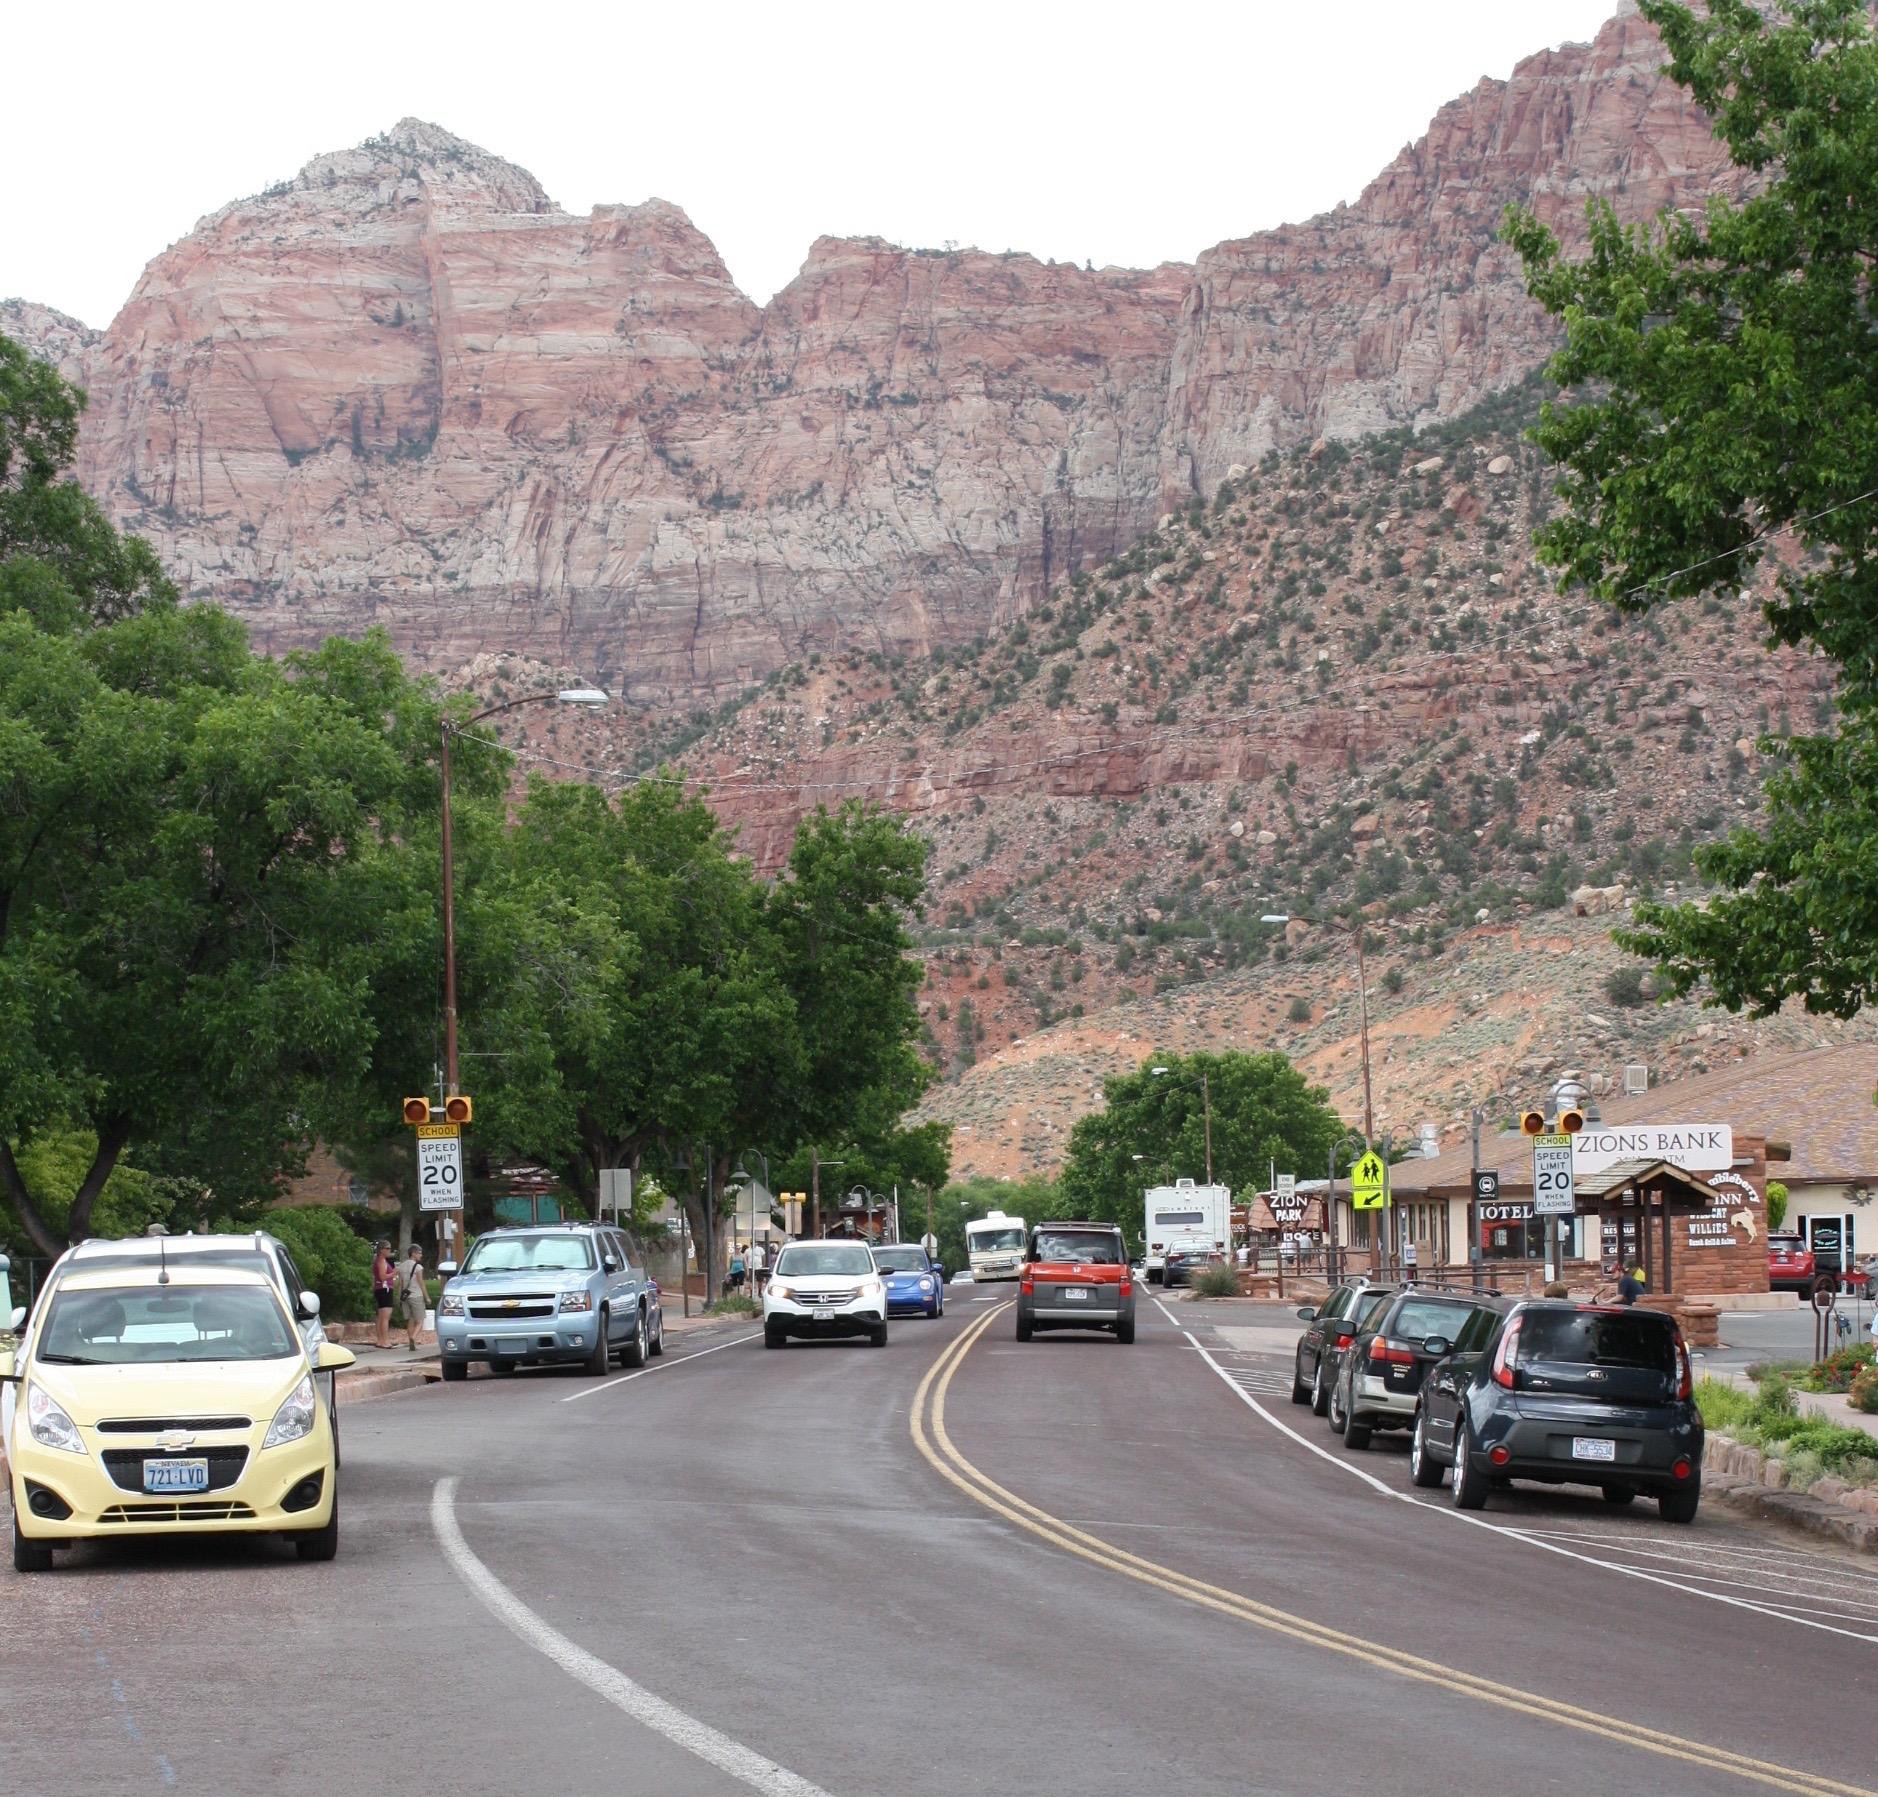 Downtown Springdale, Utah, June 11, 2015 | Photo by Reuben Wadsworth, St. George News